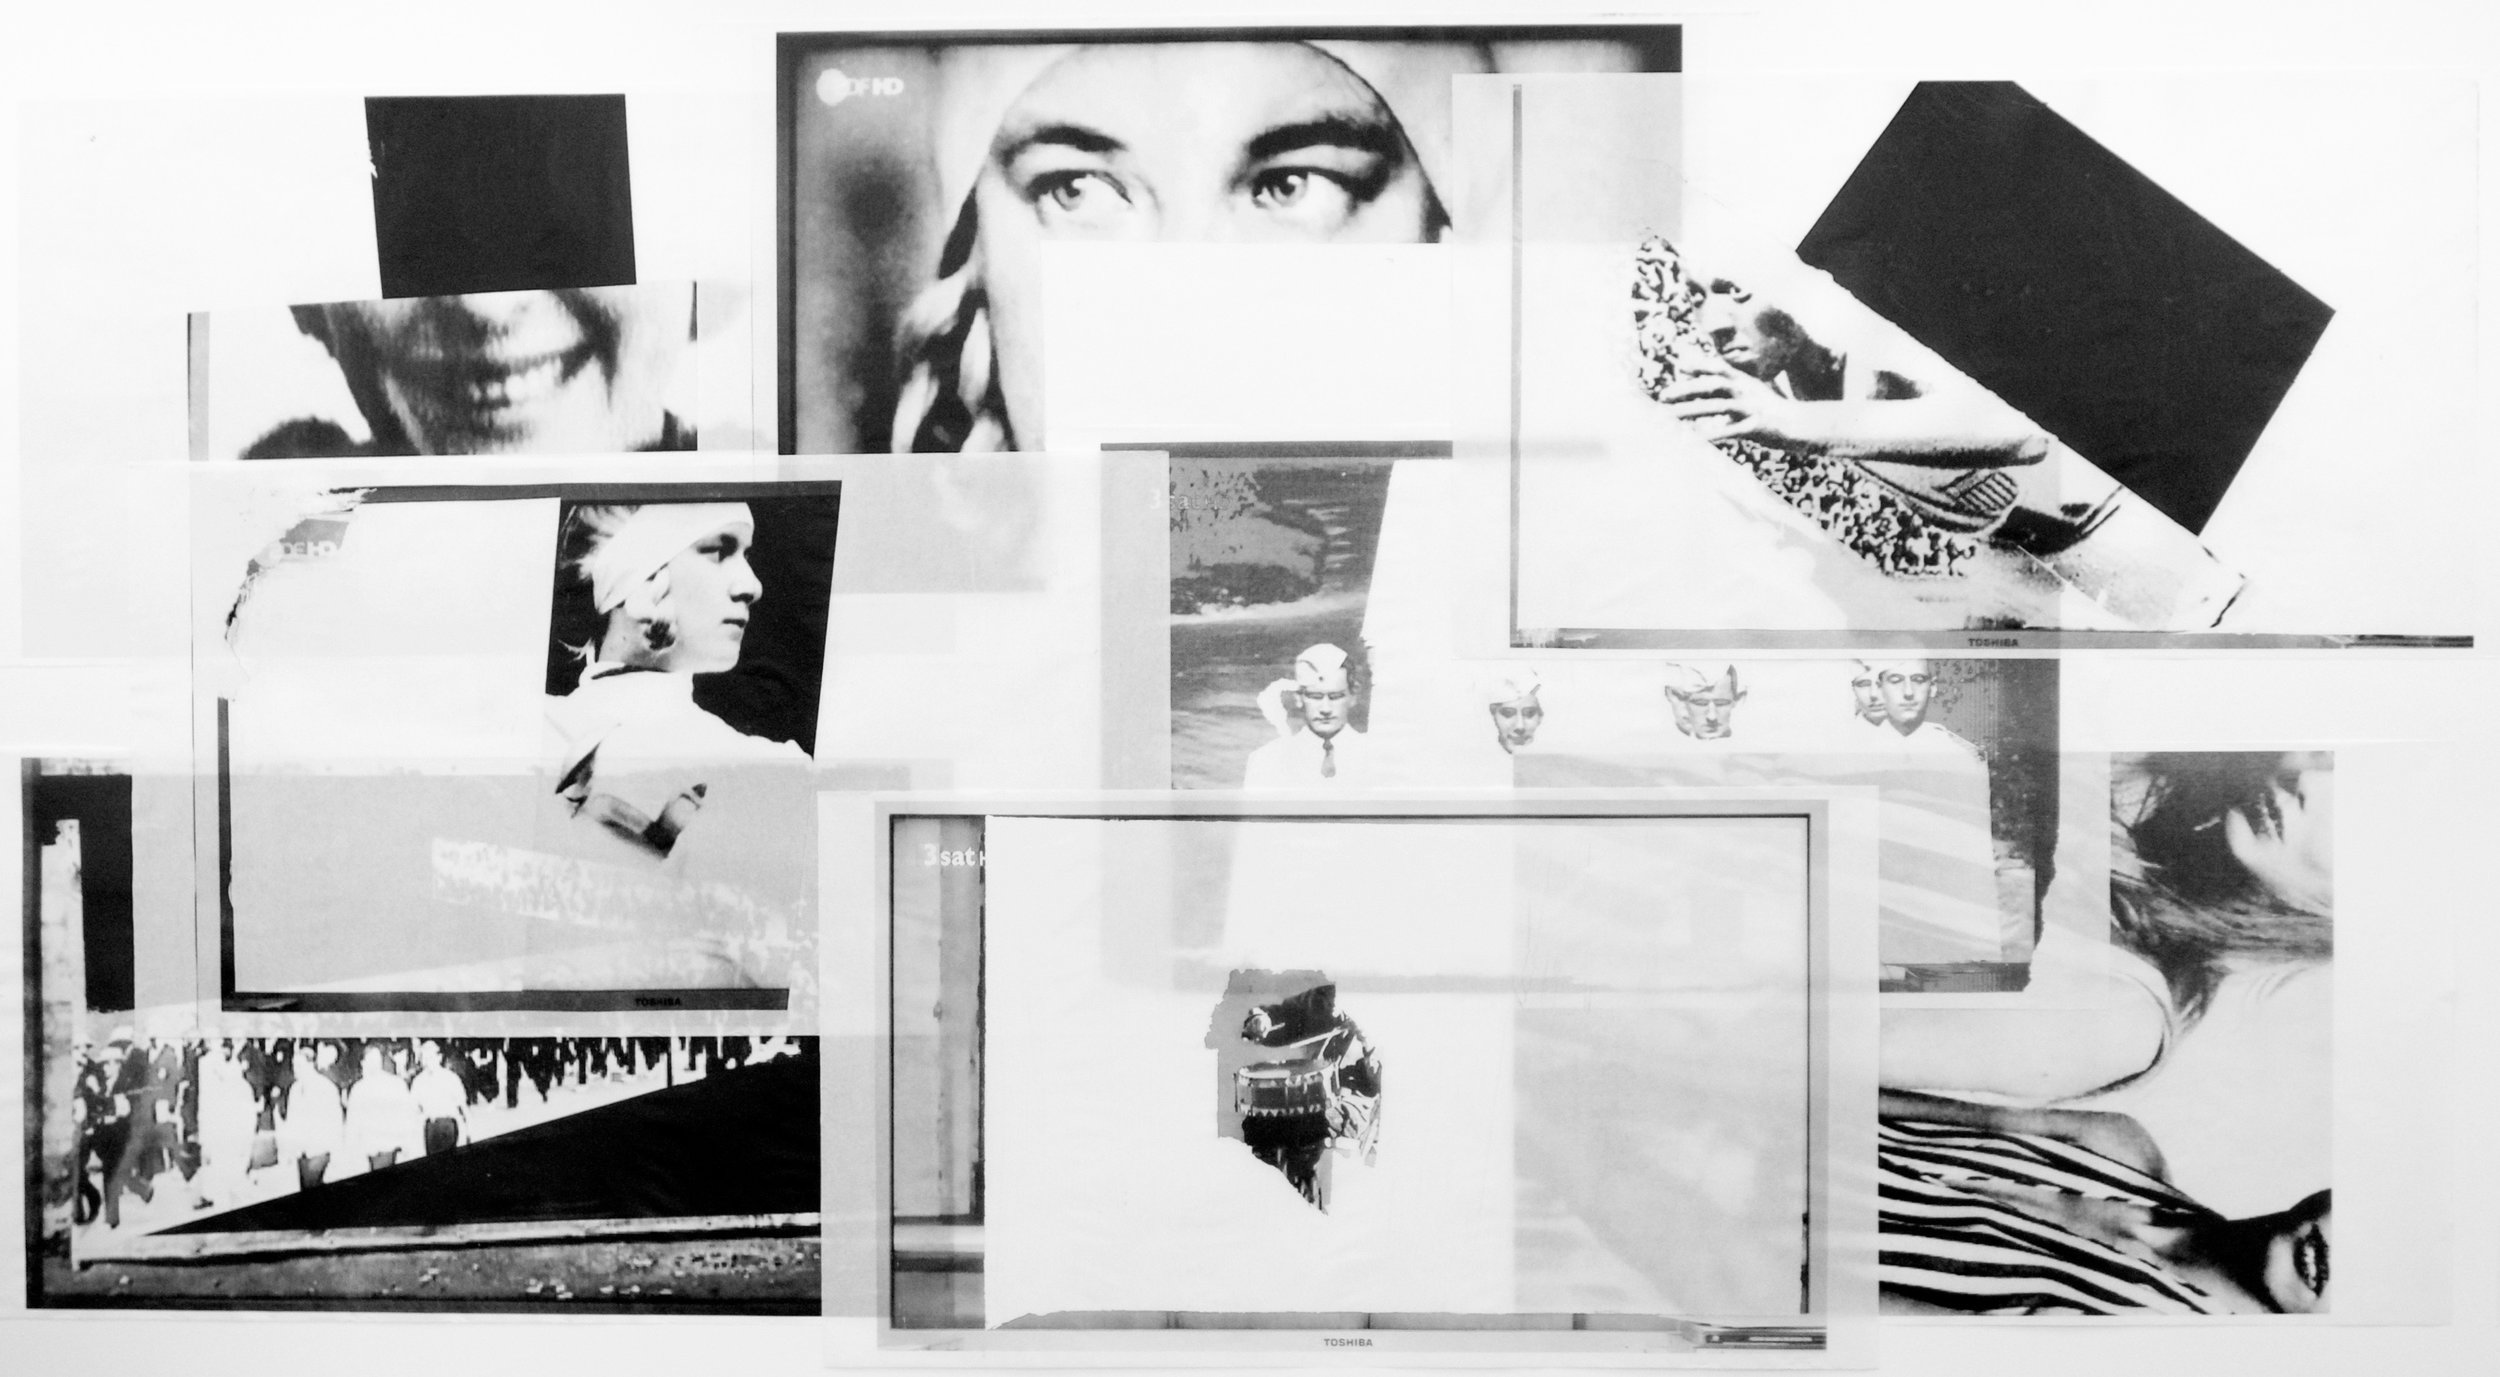 HELENE LENI JESSE 2017 Bildinstallation, 8-teilig, 270 x 650 cm | Acryl und Digitalprint mit UV-aushärtnder Tinte auf Muji-Papier 50 g | Auflage 1/3, Ankauf Kunsthaus Grenchen | MAMO Maryna Markova, Berlin und Jörg Mollet, Solothurn